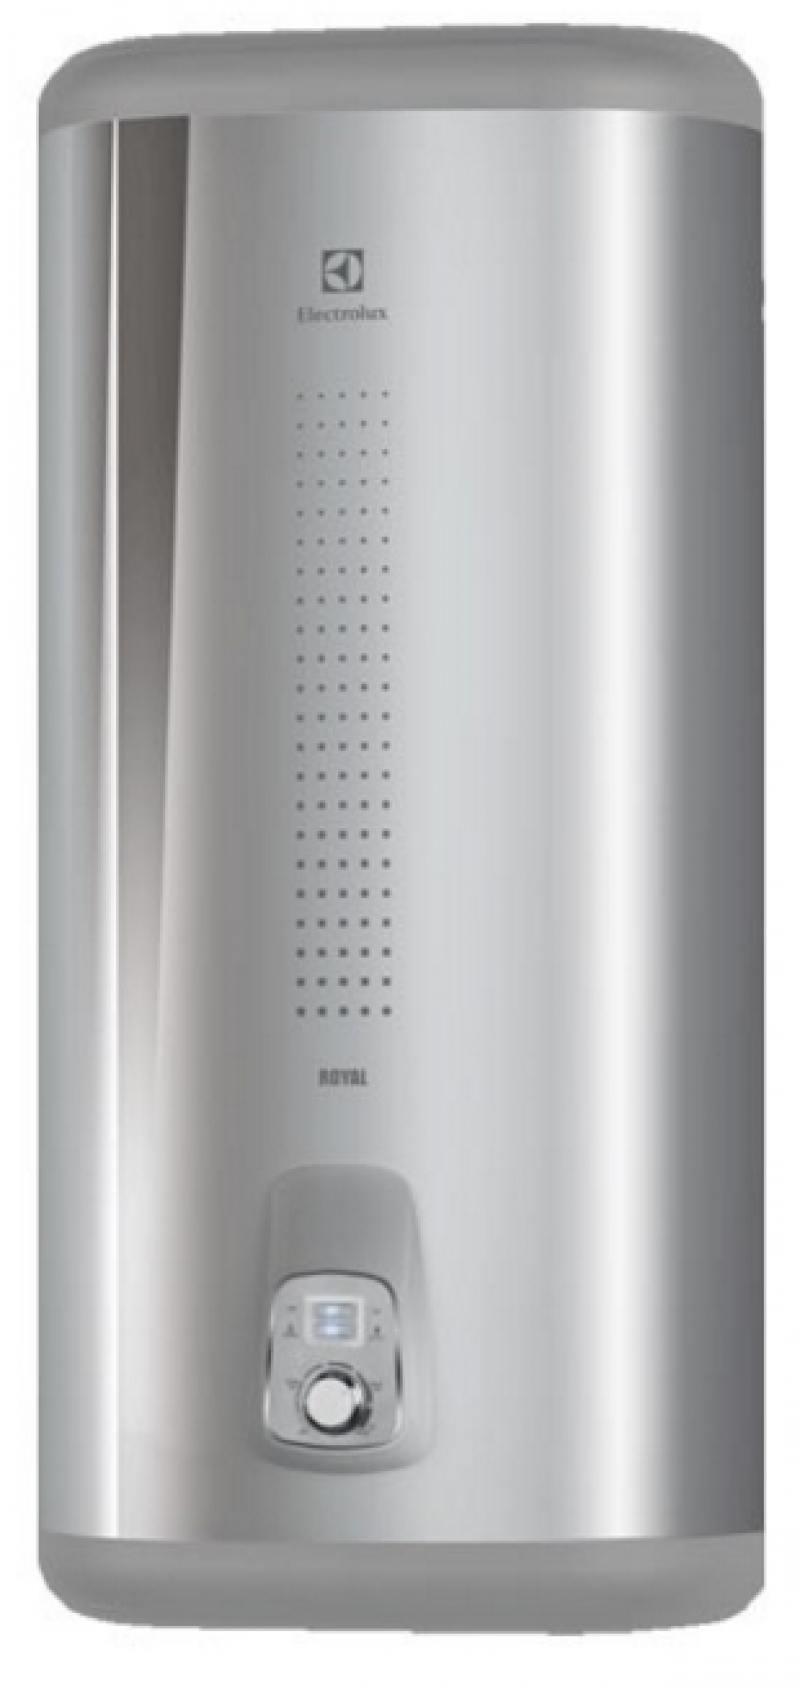 Водонагреватель накопительный Electrolux EWH 100 Royal Silver 100л, плоский, 2кВт, механическое упр.